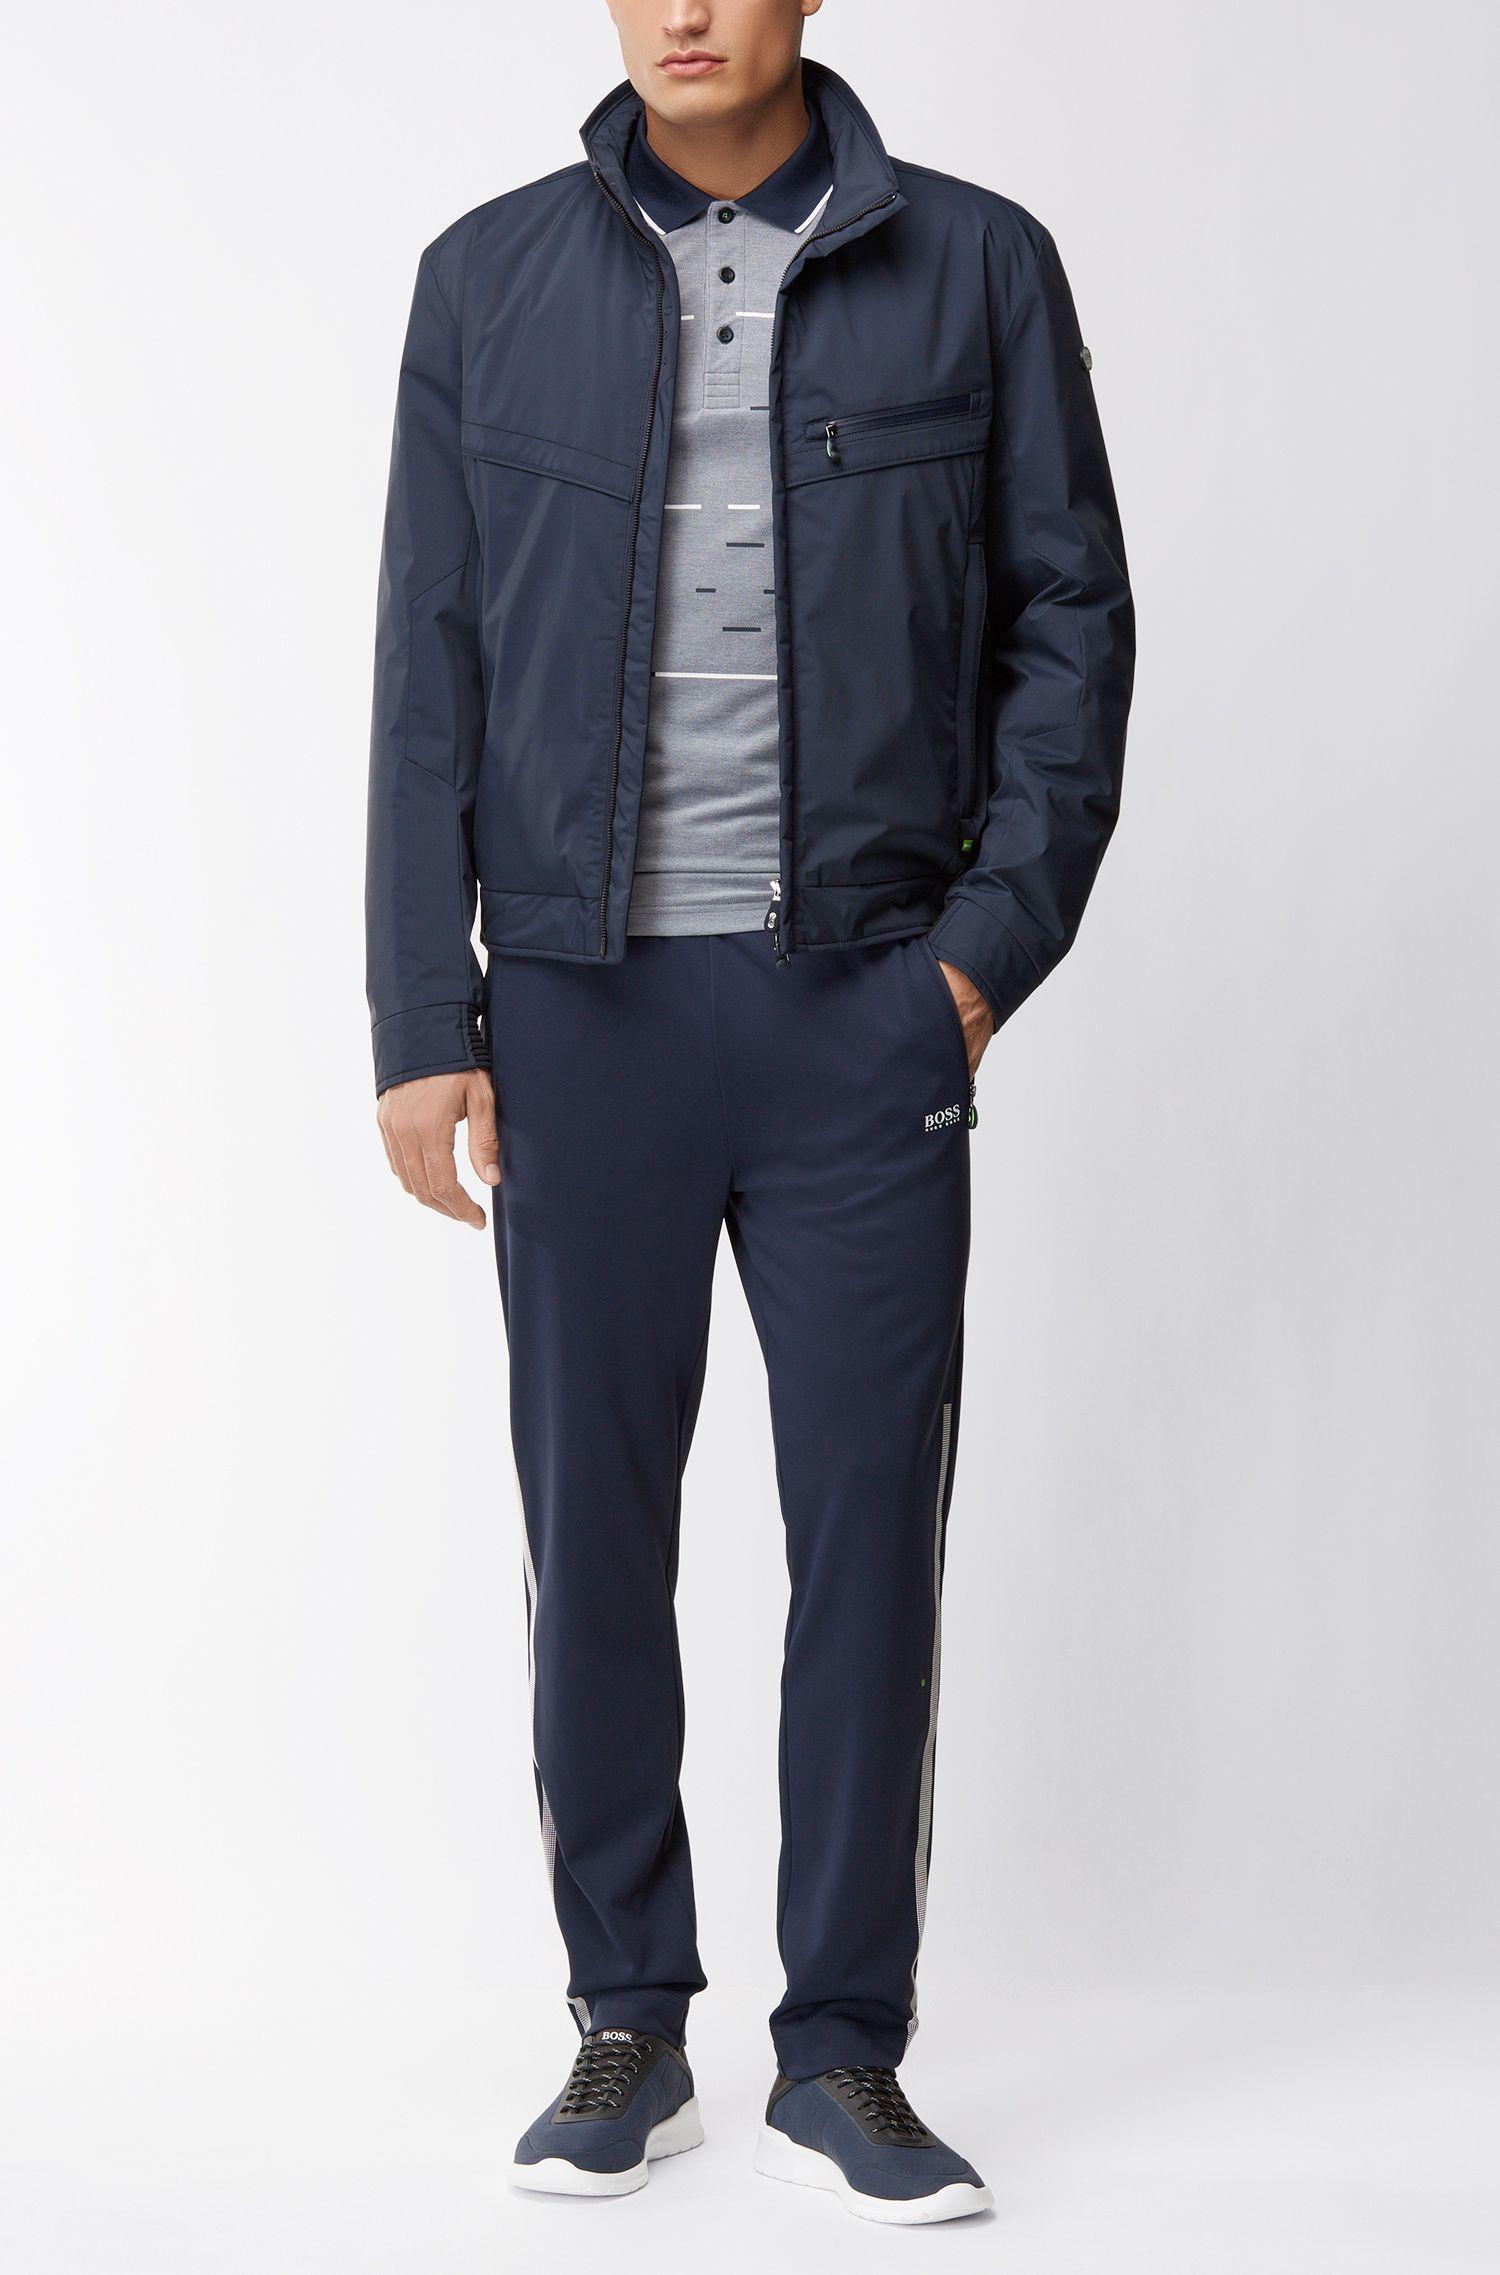 Cotton Blend Polo Shirt, Slim Fit | Paule